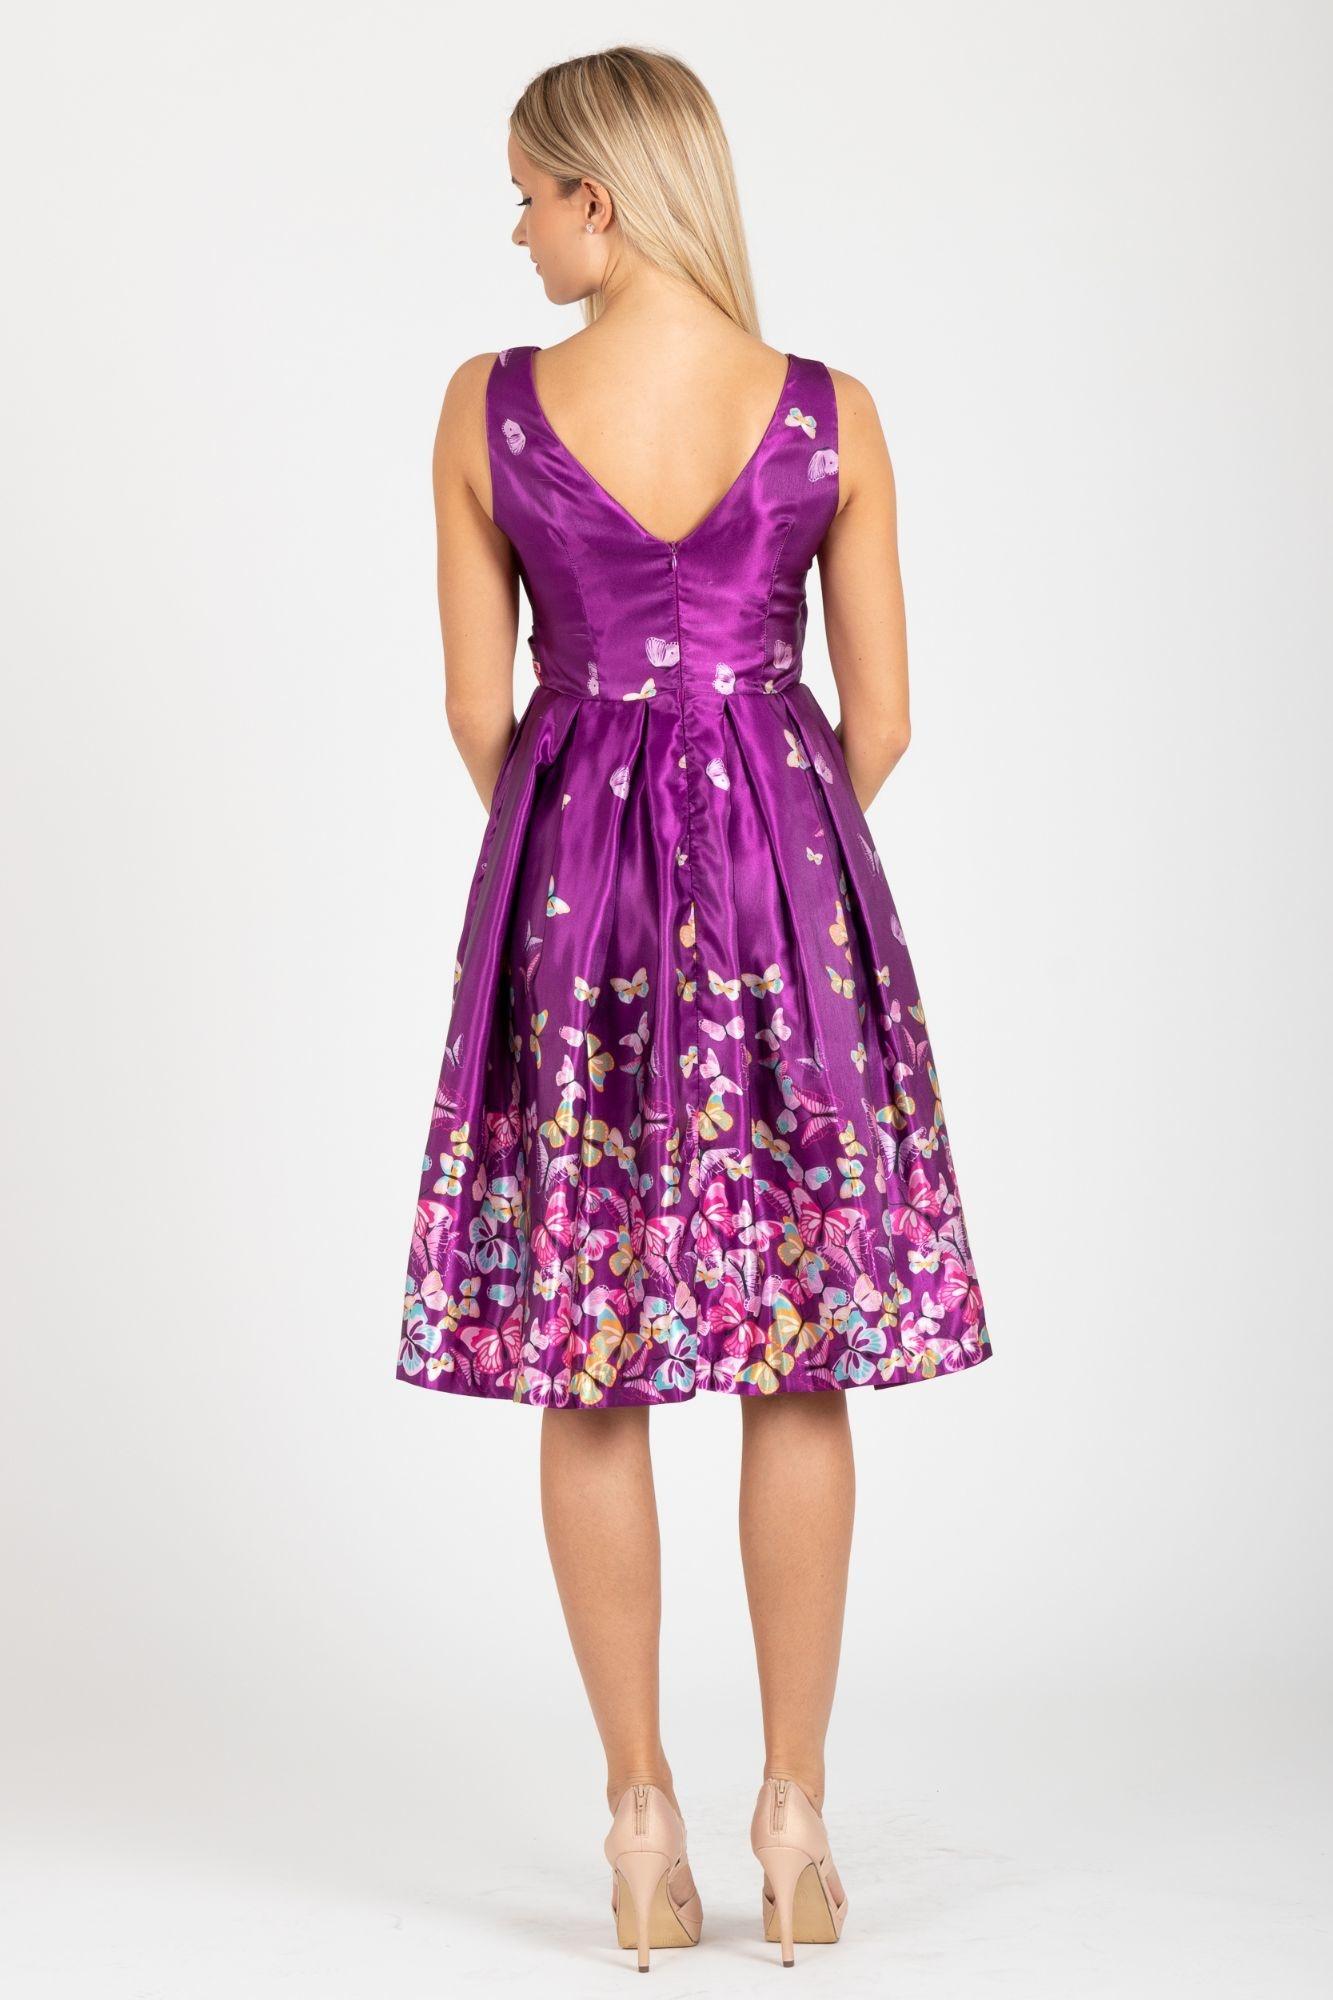 96011e1f2ec2 ... fialové LindyBop společenské šaty Aurora